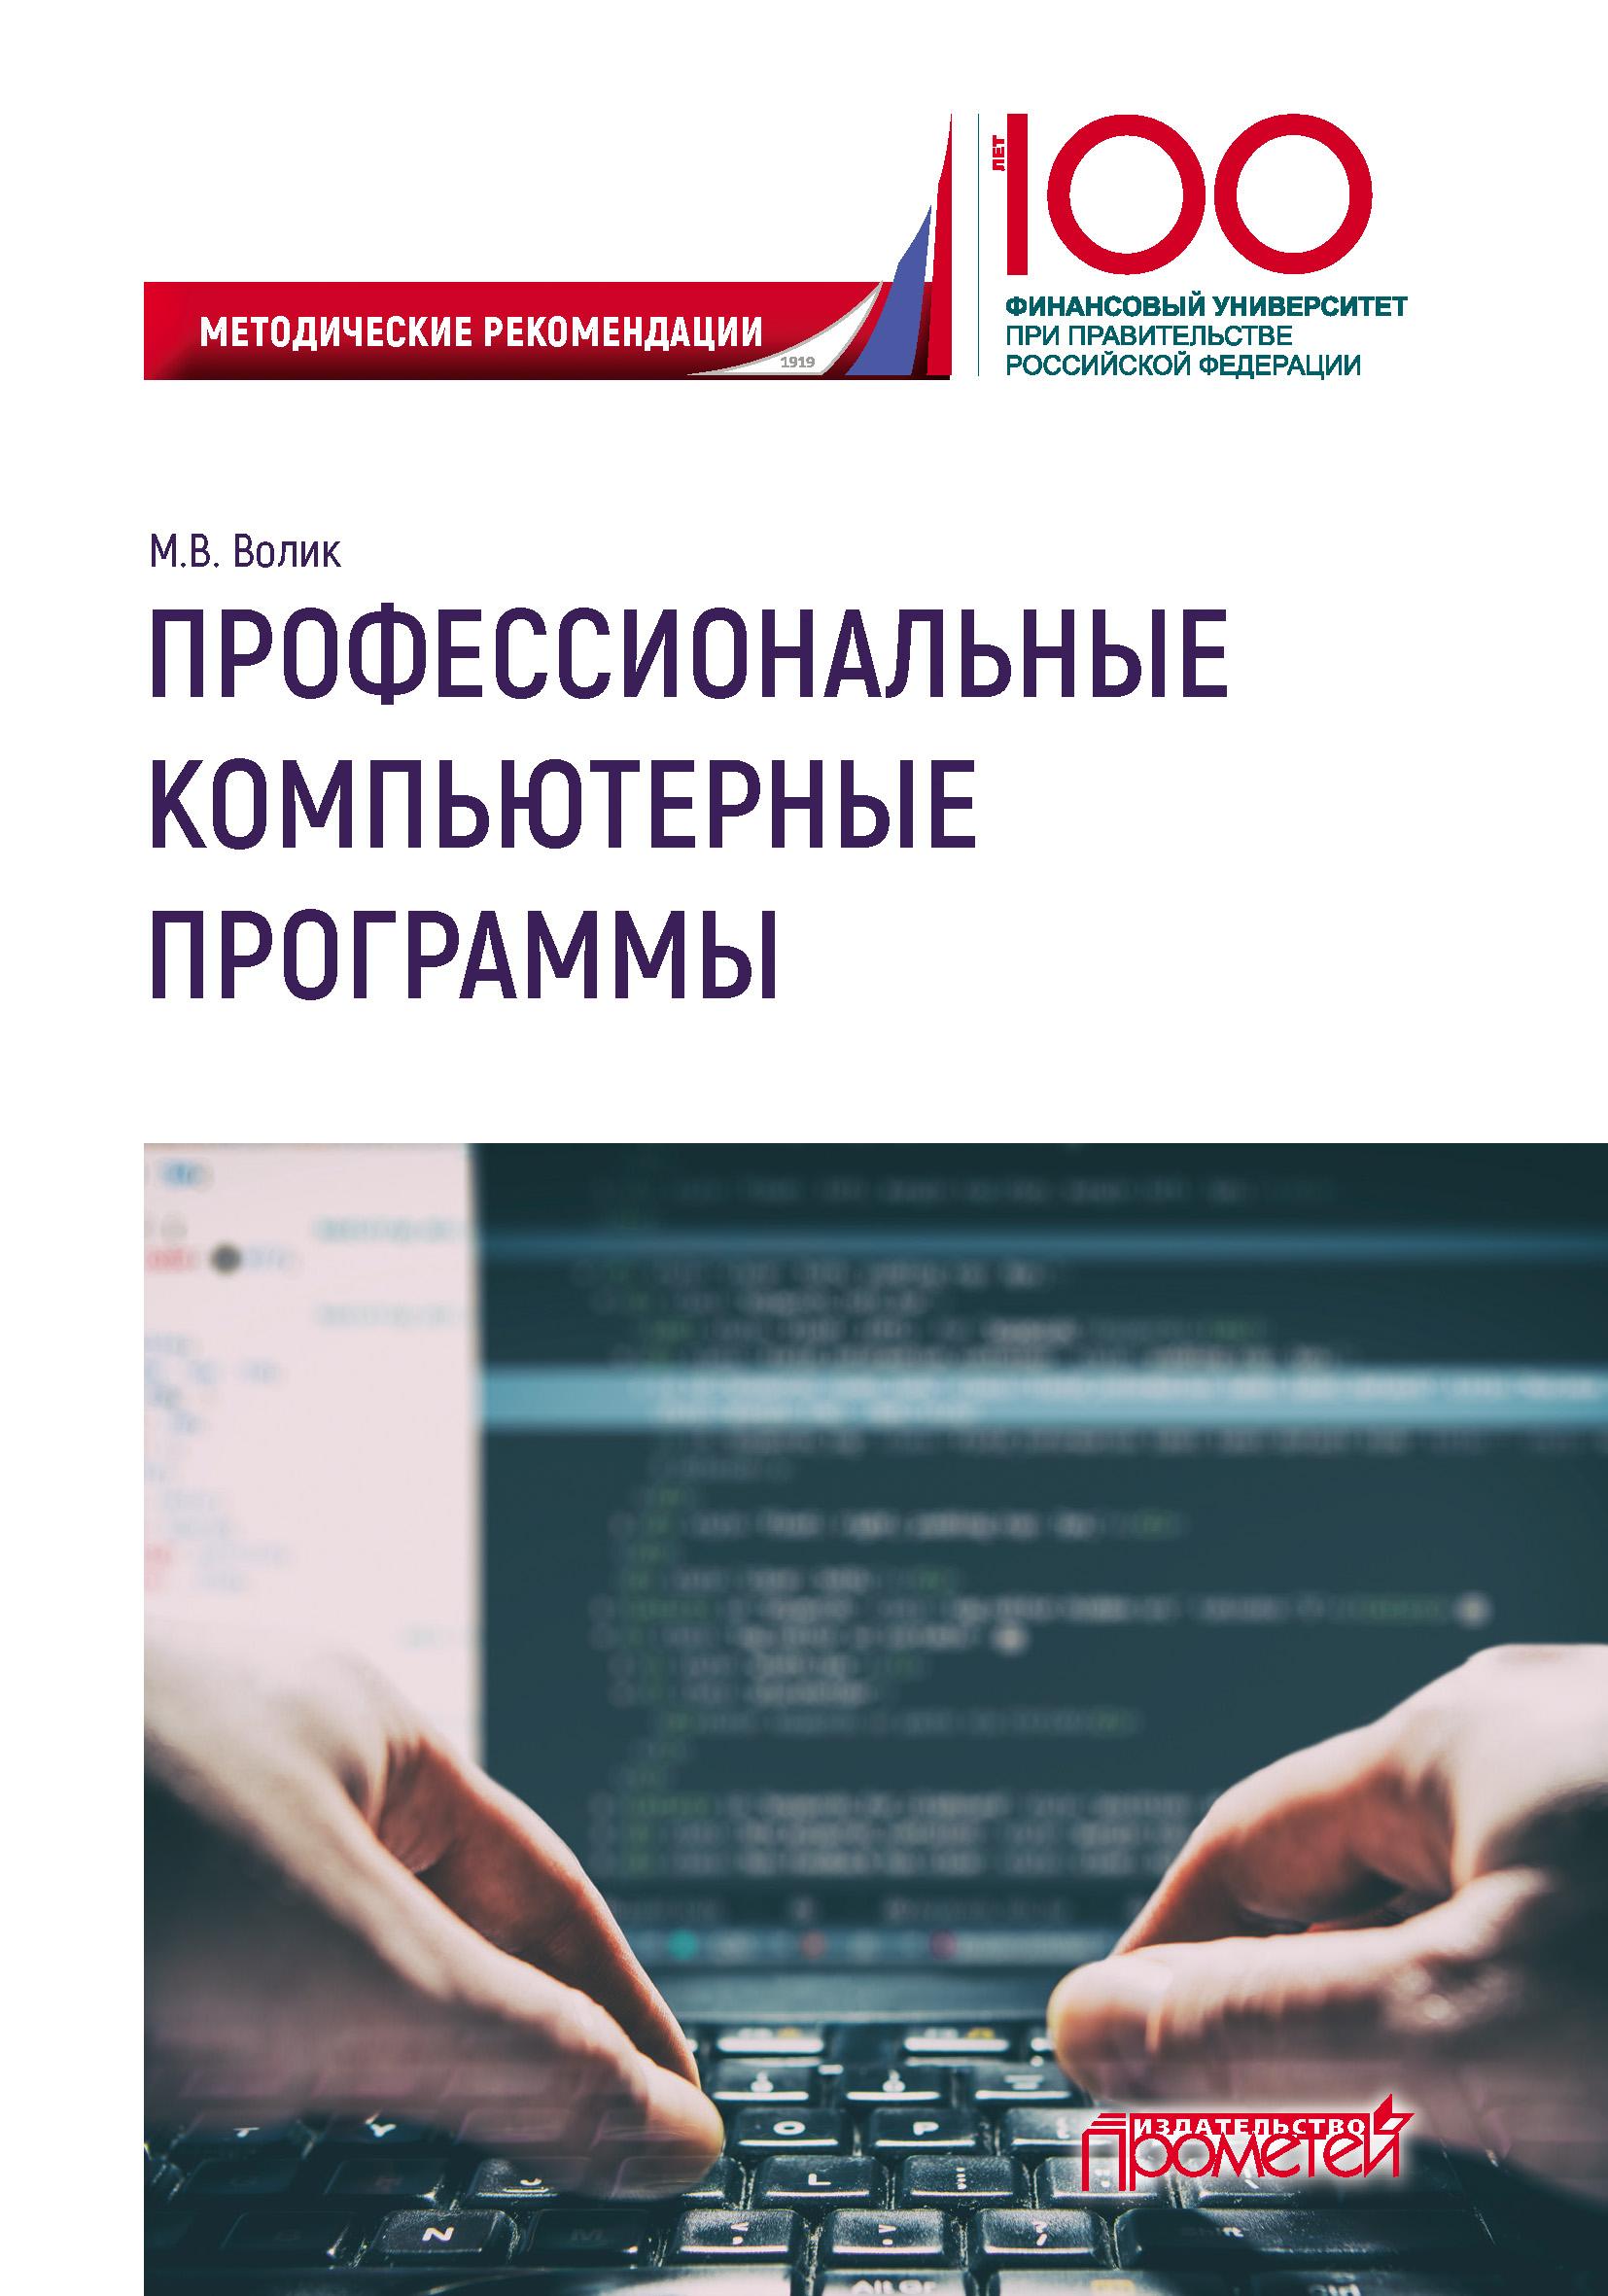 М. В. Волик Профессиональные компьютерные программы м в волик профессиональные компьютерные программы